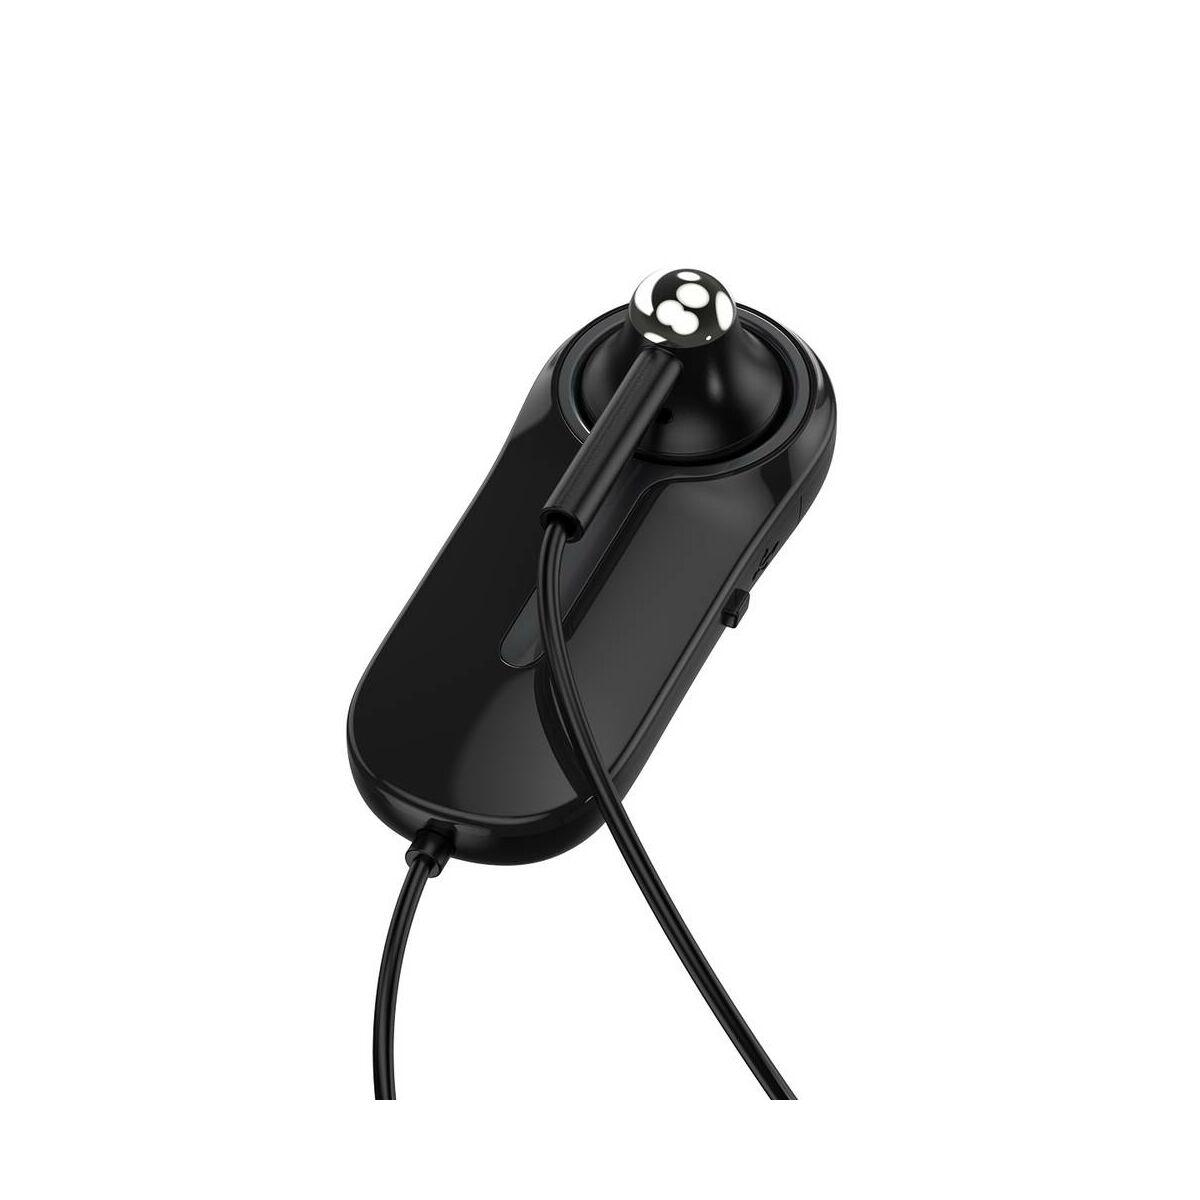 Baseus Headset Bluetooth, Encok A06, Mono, ruhára csíptethető vezérlővel, fekete (NGA06-01)